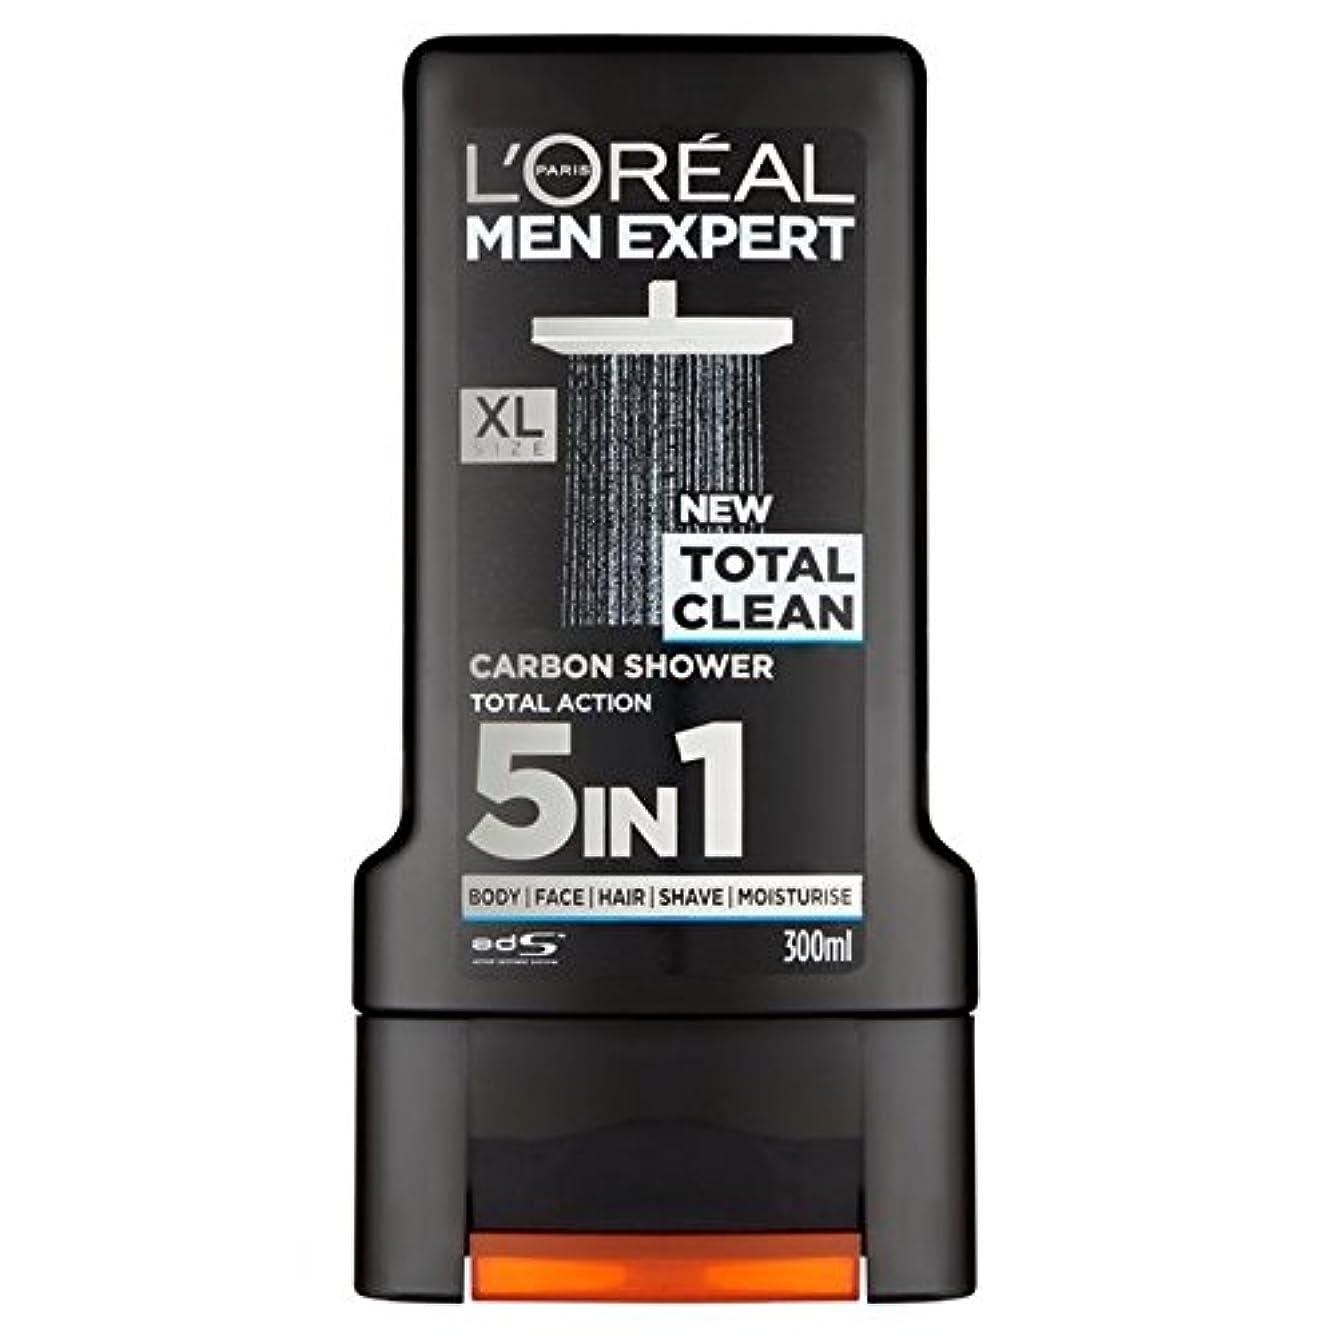 薬剤師報奨金矢印ロレアルパリのメンズ専門トータルクリーンシャワージェル300ミリリットル x4 - L'Oreal Paris Men Expert Total Clean Shower Gel 300ml (Pack of 4) [並行輸入品]